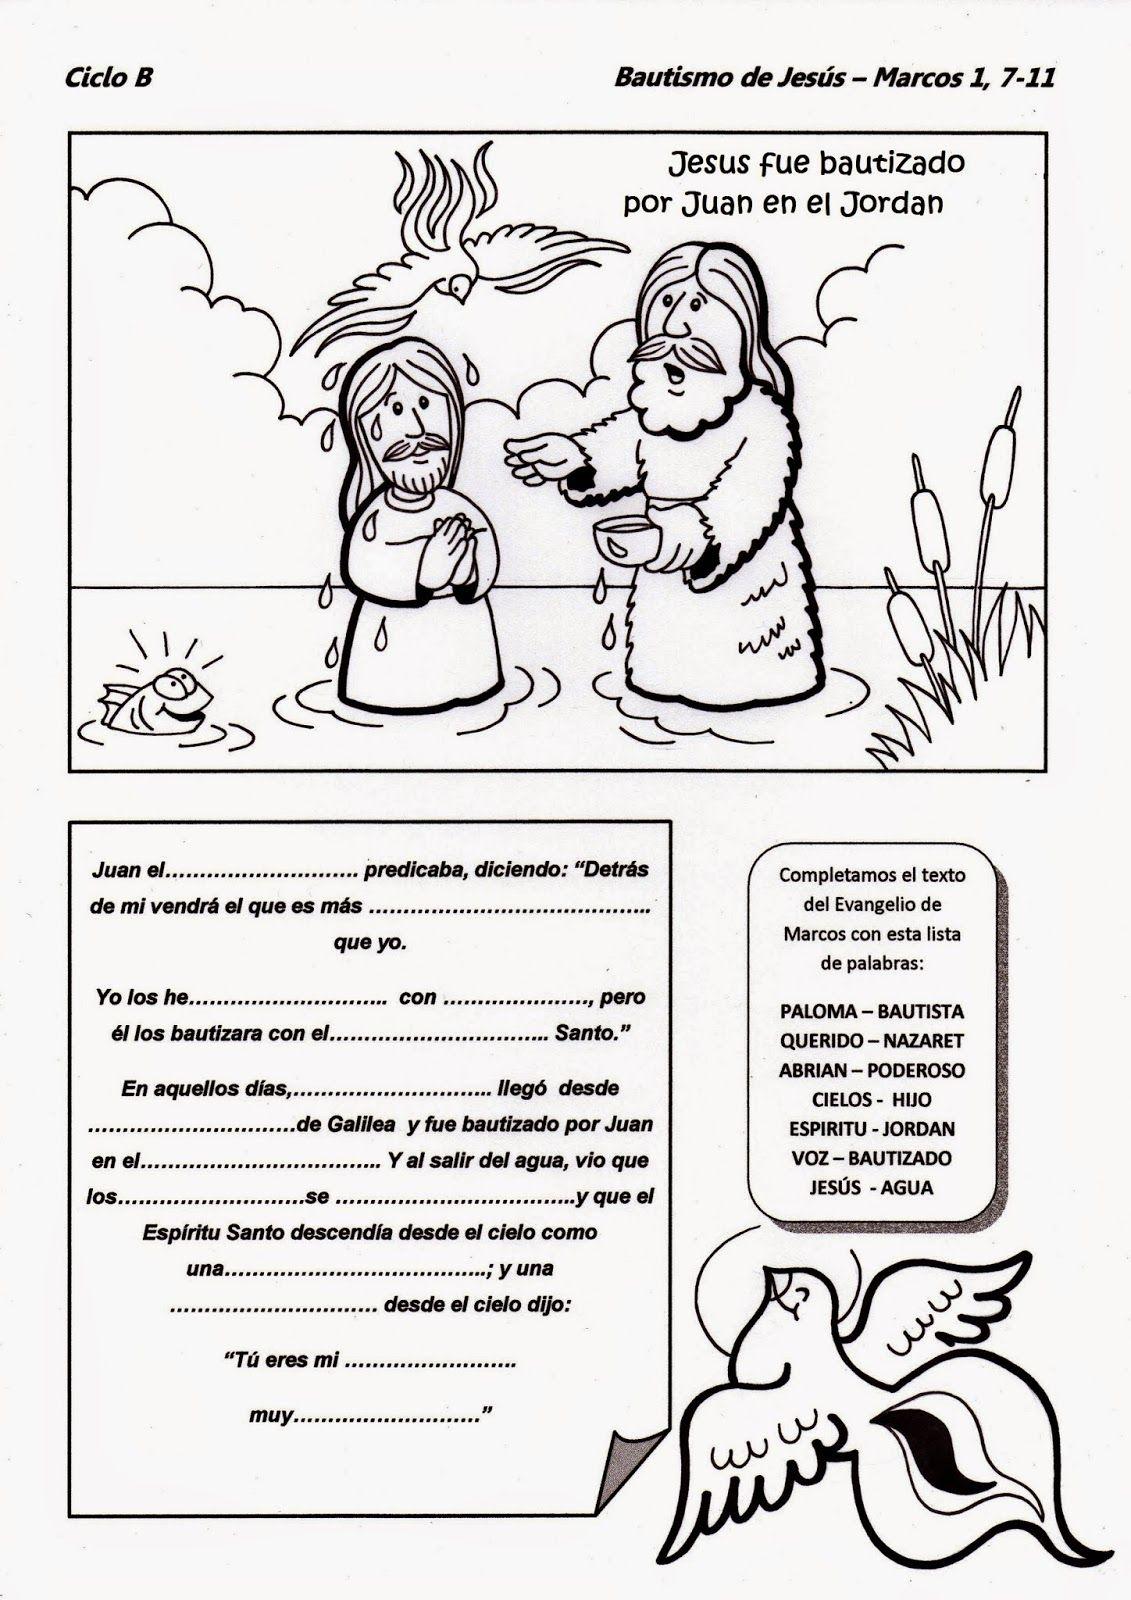 Matrimonio Catolico Resumen : El rincón de las melli bautismo jesús ciclo b